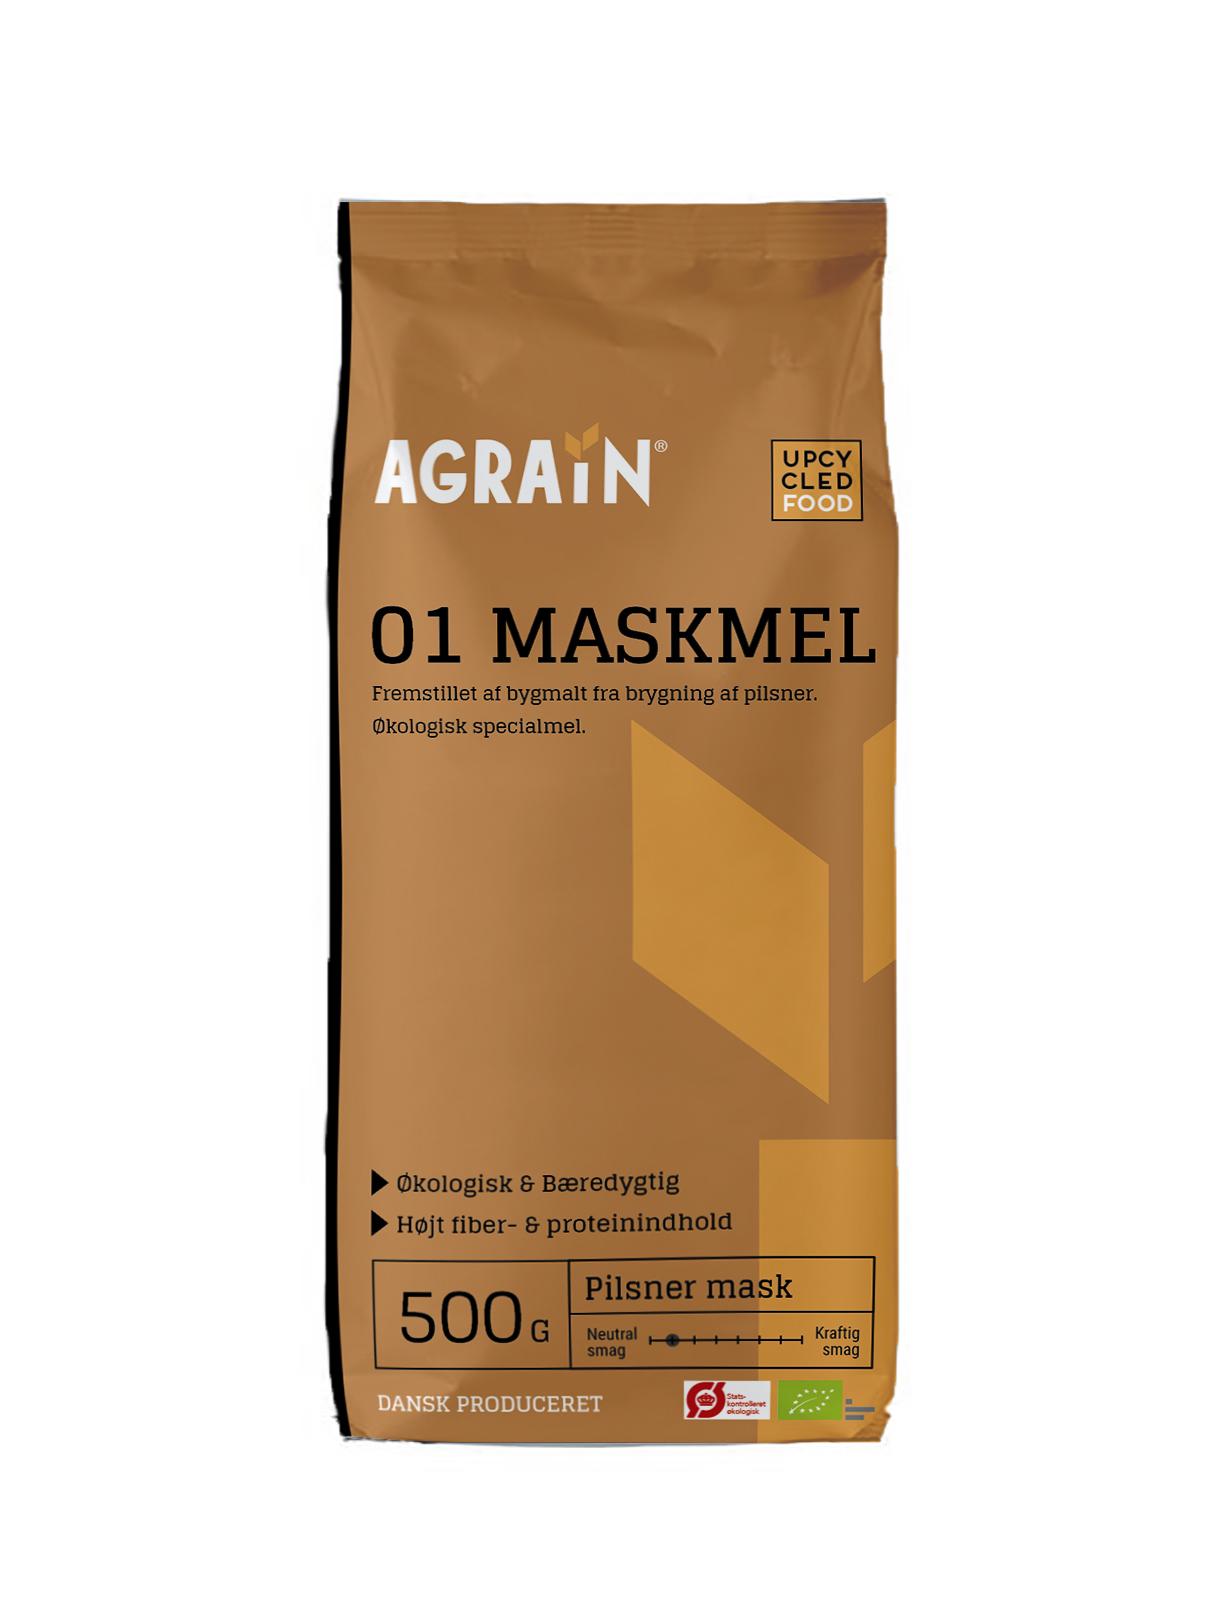 Agrain 01 Maskmel Pilsner